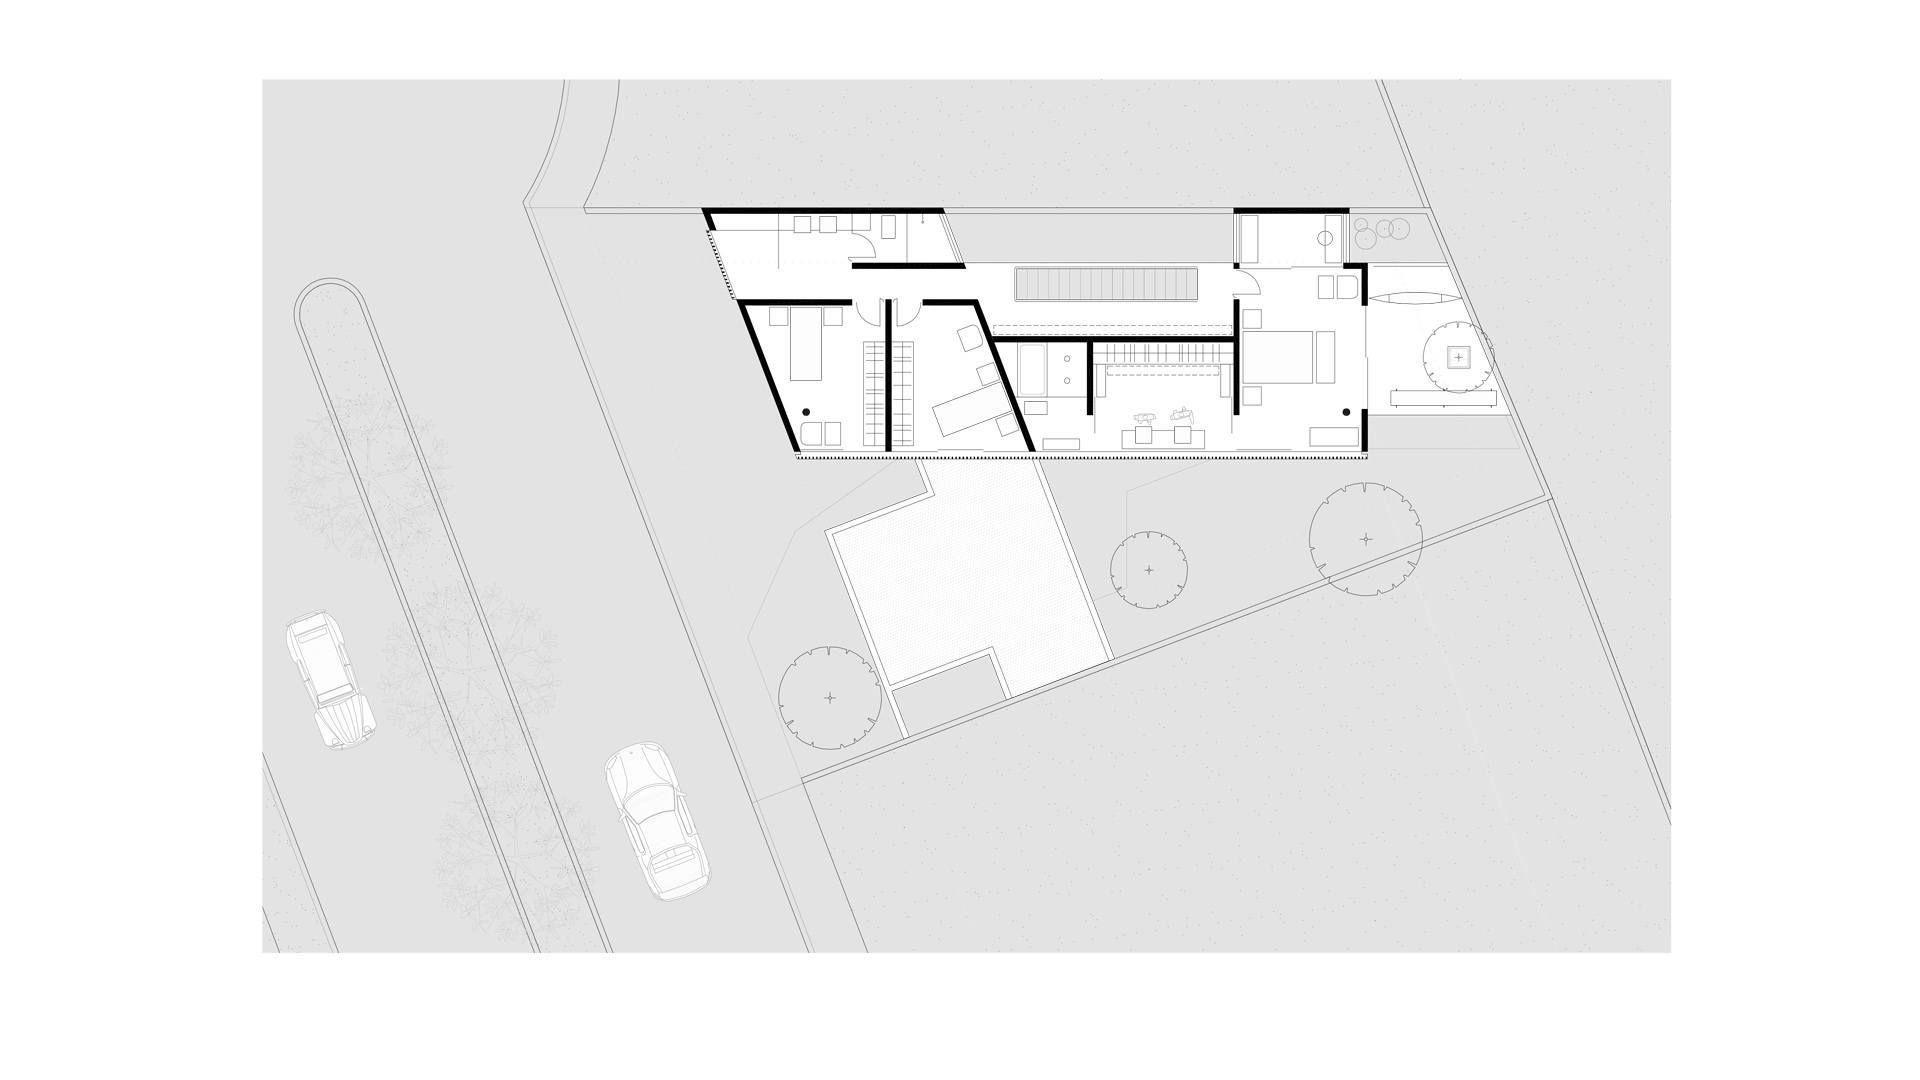 residencia_bonanza_planta-1-pav